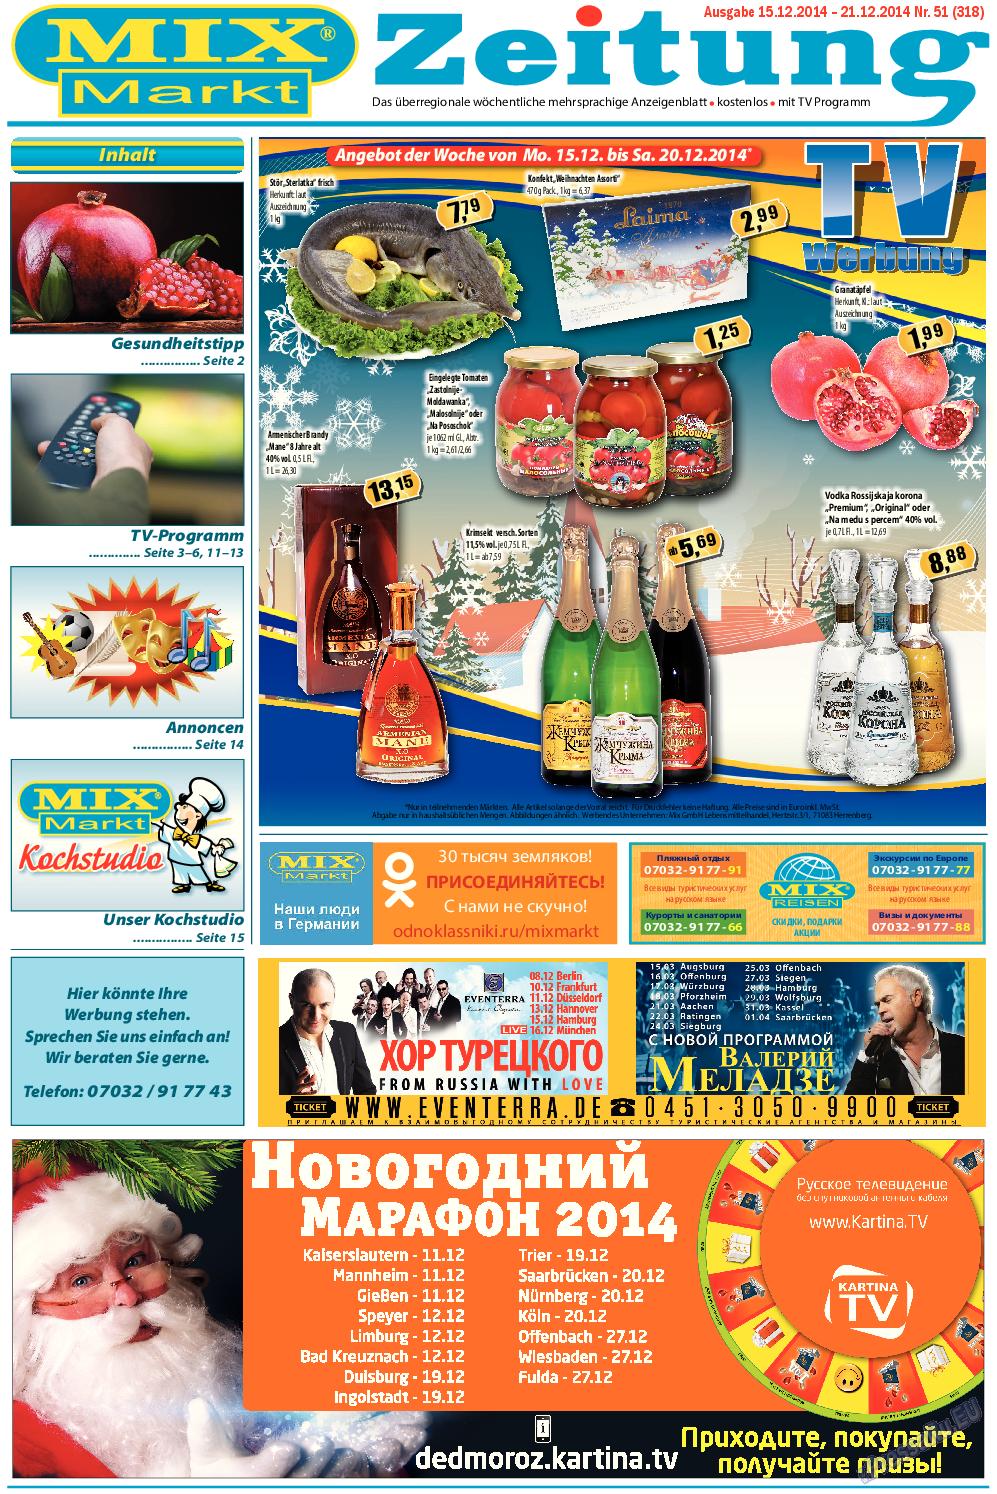 MIX-Markt Zeitung (газета). 2014 год, номер 51, стр. 1